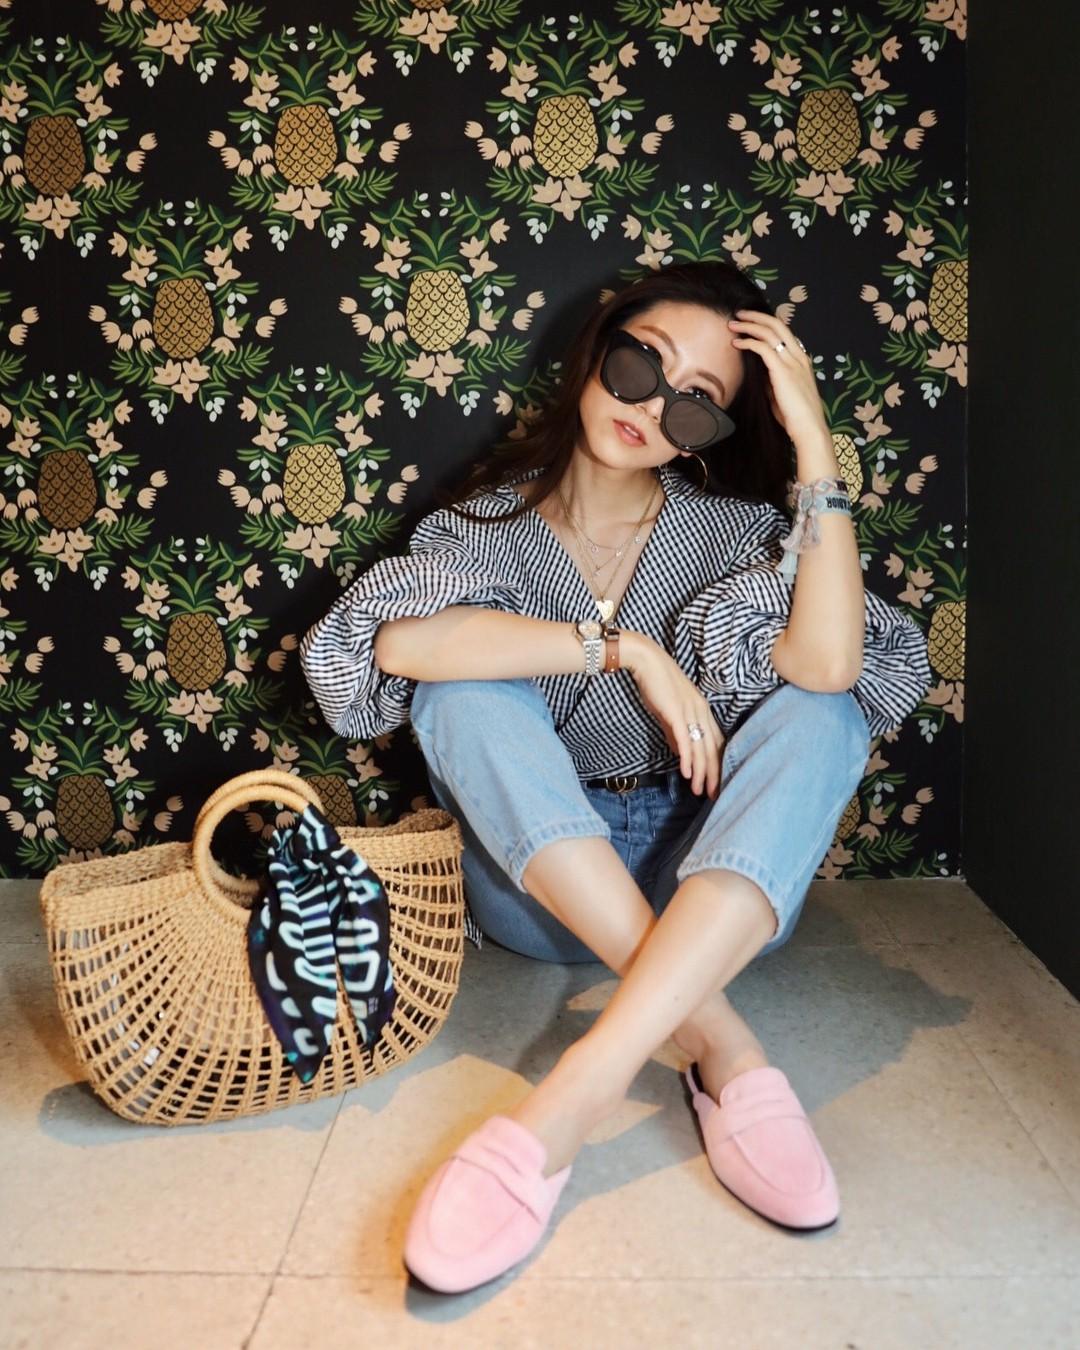 Đừng nghĩ mặc jeans là không điệu được, cứ nhìn các nàng blogger lên đồ cực xinh qua 15 set đồ này sẽ biết ngay - Ảnh 14.